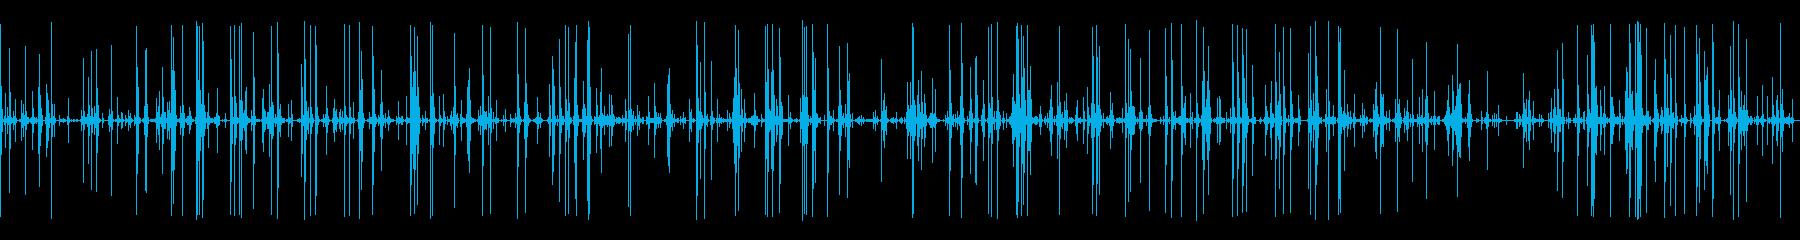 SF的な長い環境音(ピーピピピ)の再生済みの波形